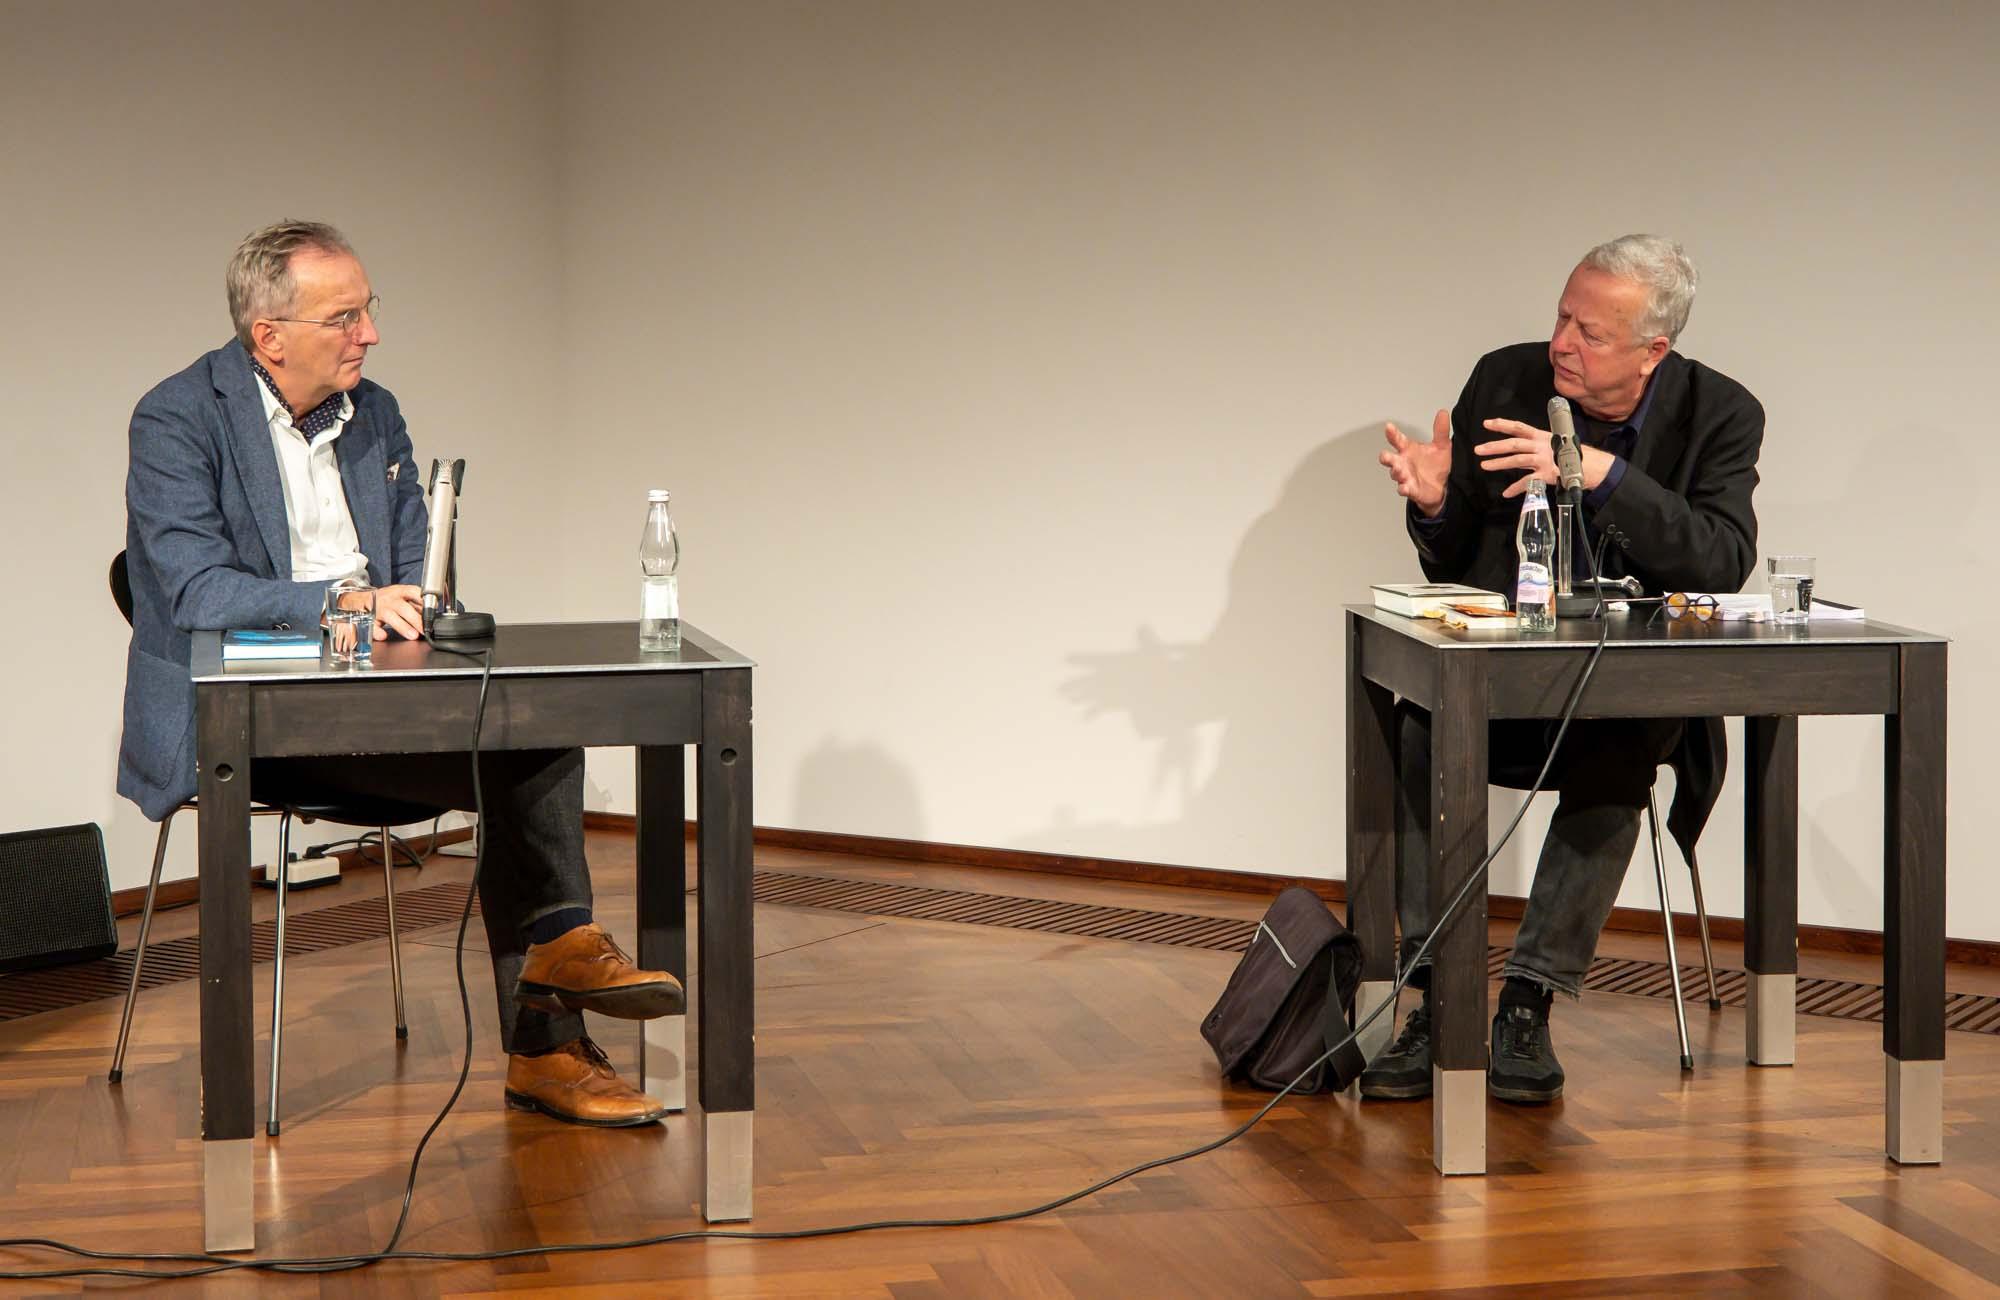 Manfred Geier, Matthias Bormuth: Max Weber und die Liebe <br/>(c) Sebastian Wenzel